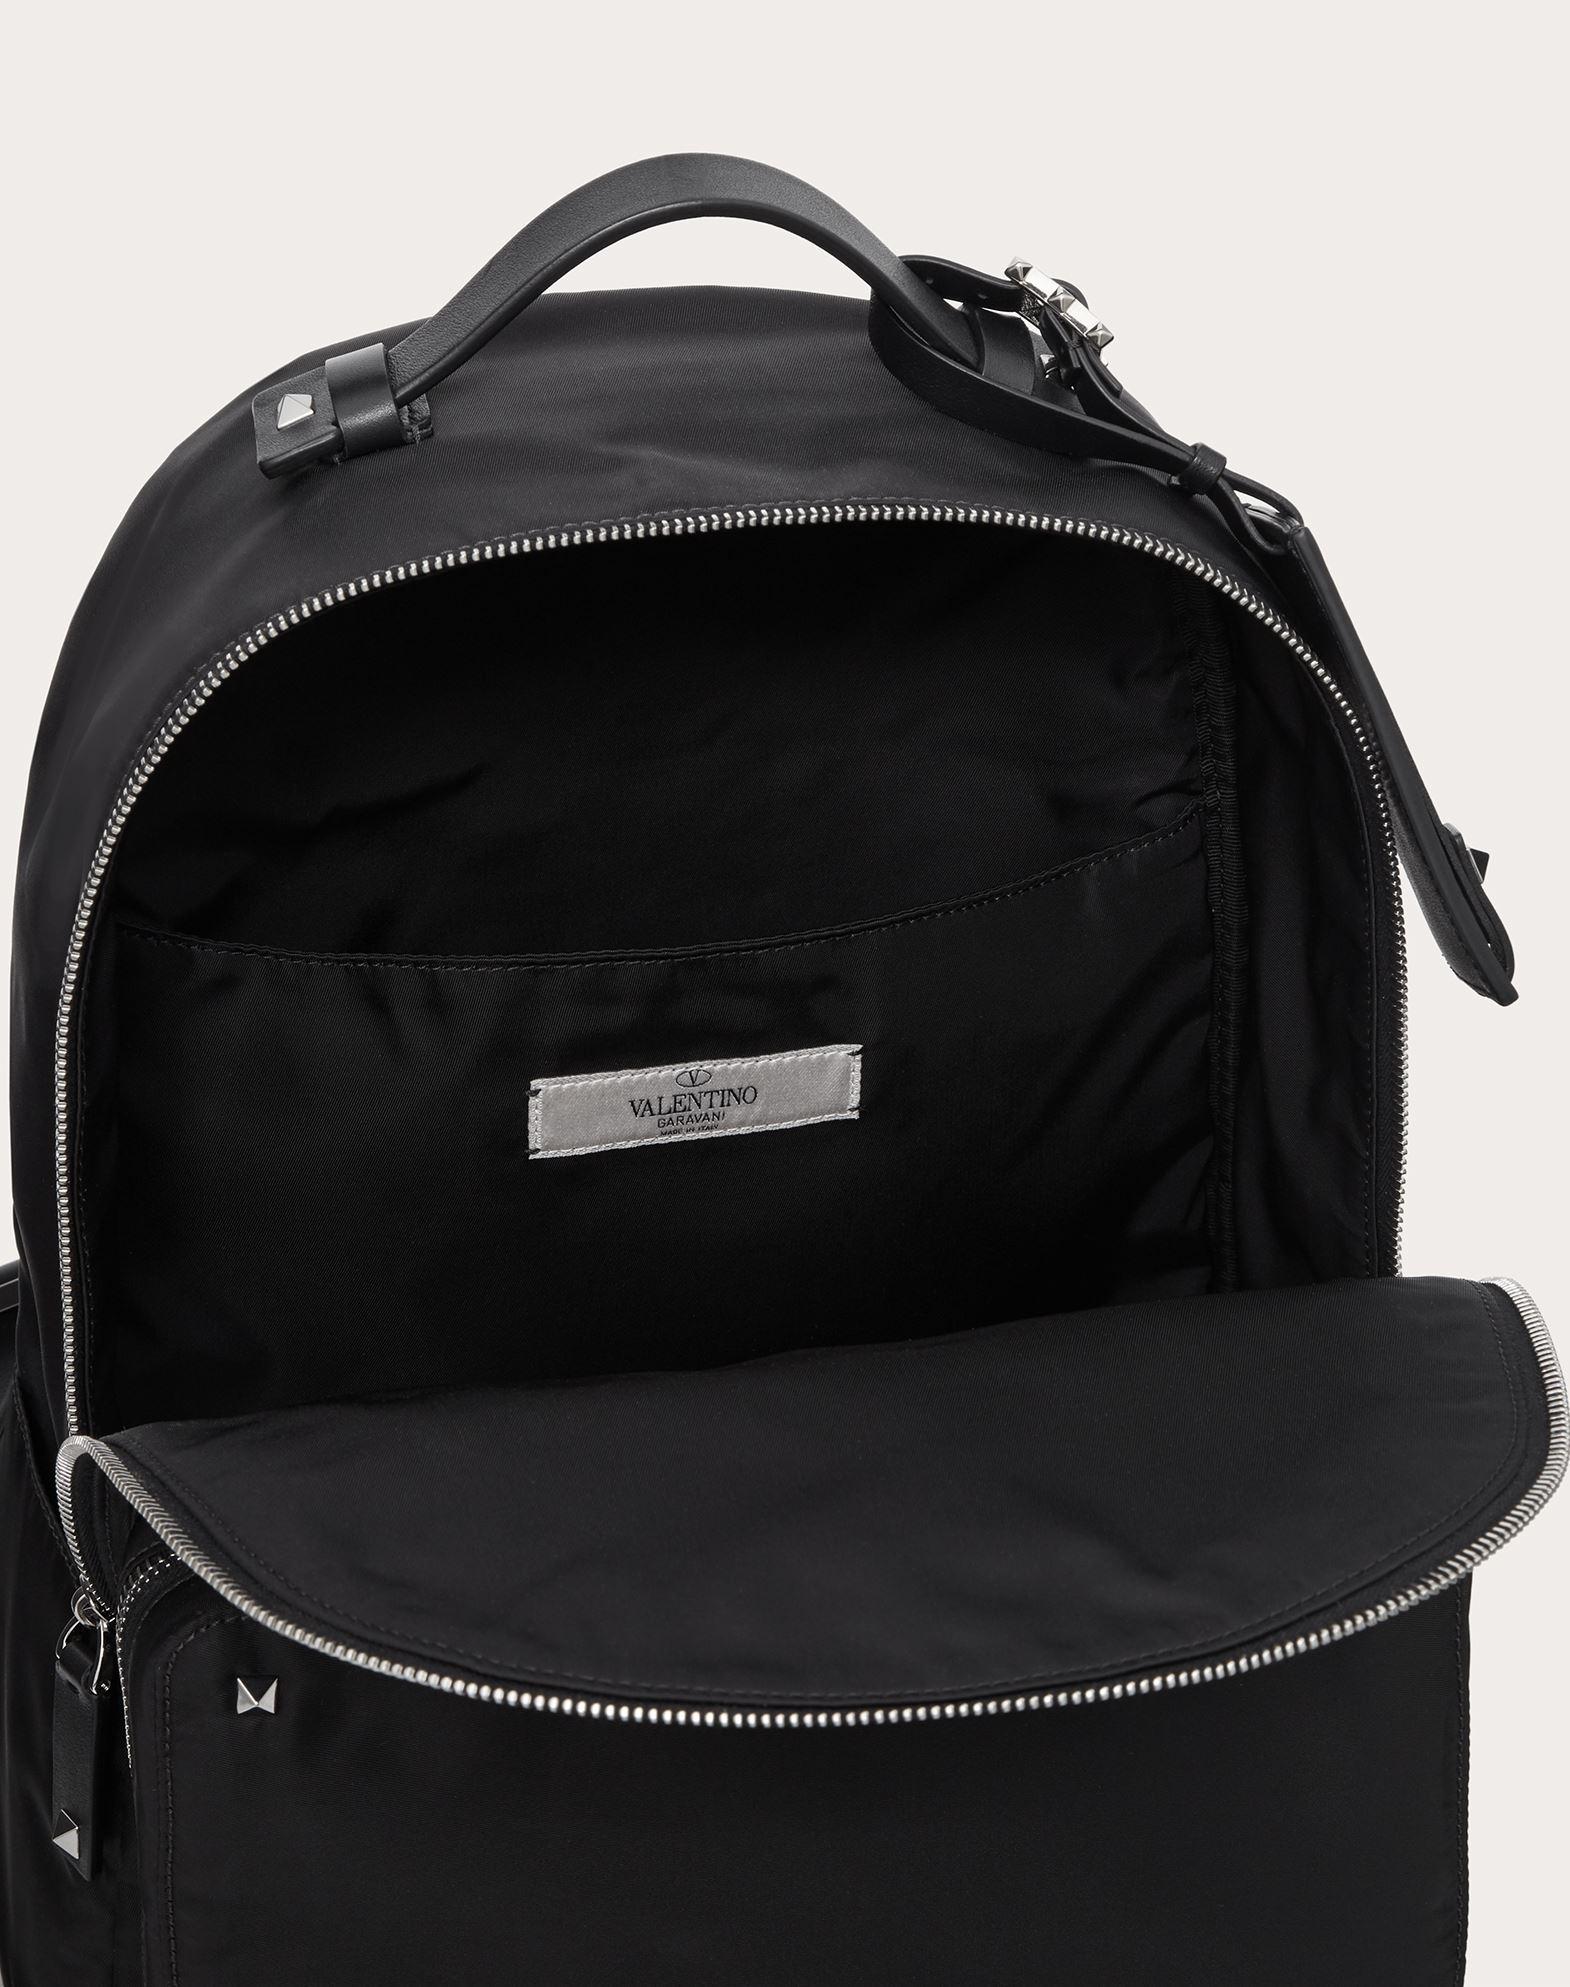 VALENTINO GARAVANI UOMO VLTN backpack Rucksack U e